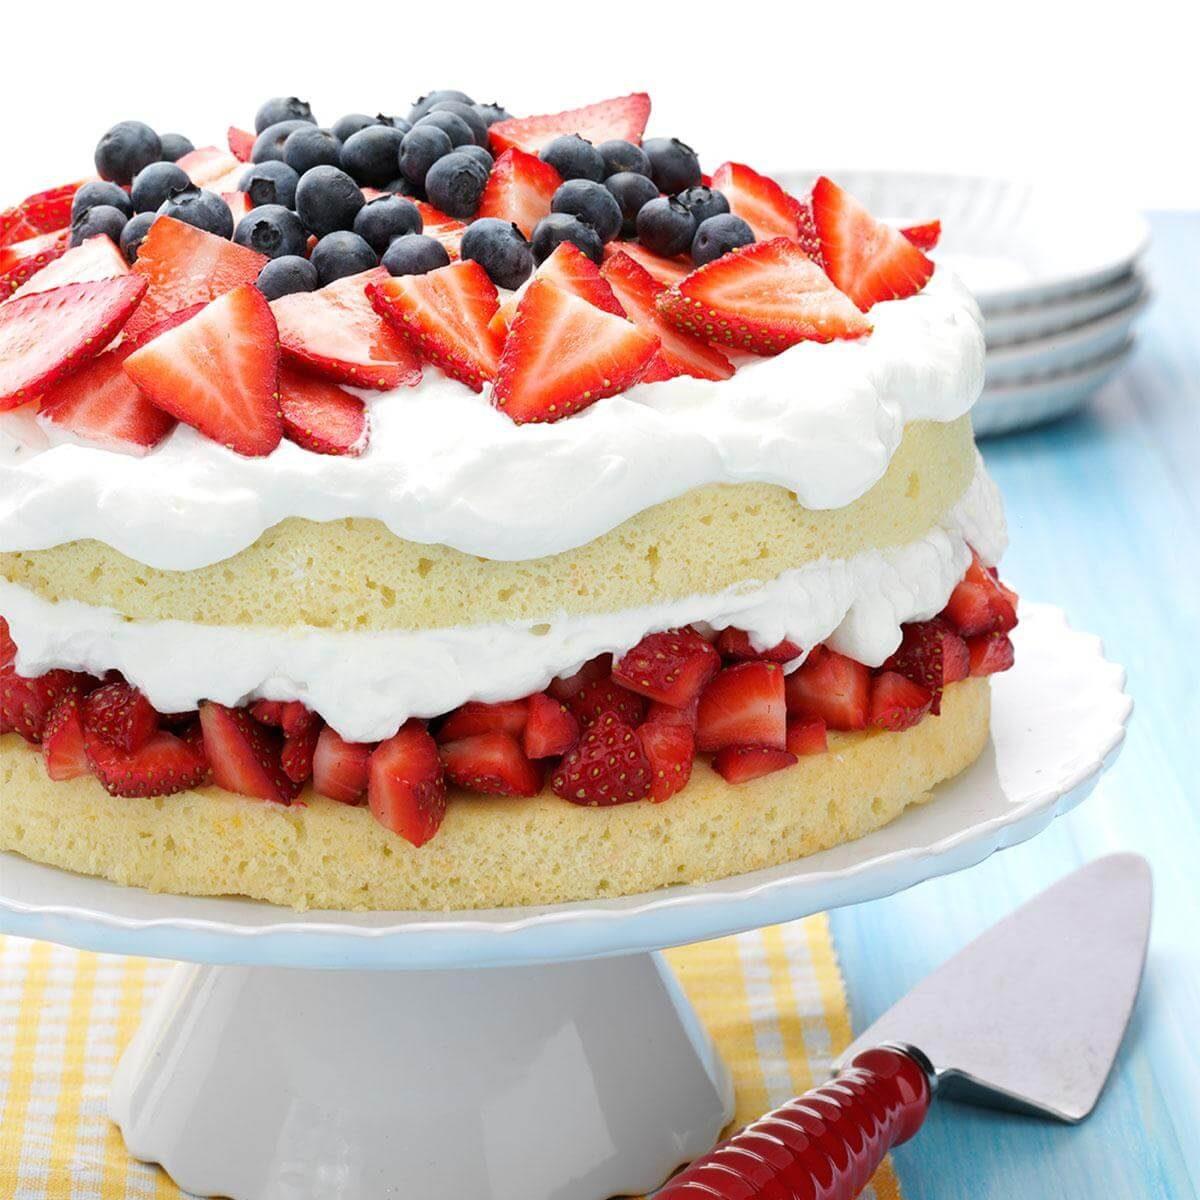 Layered Strawberry Cream Cake Recipe